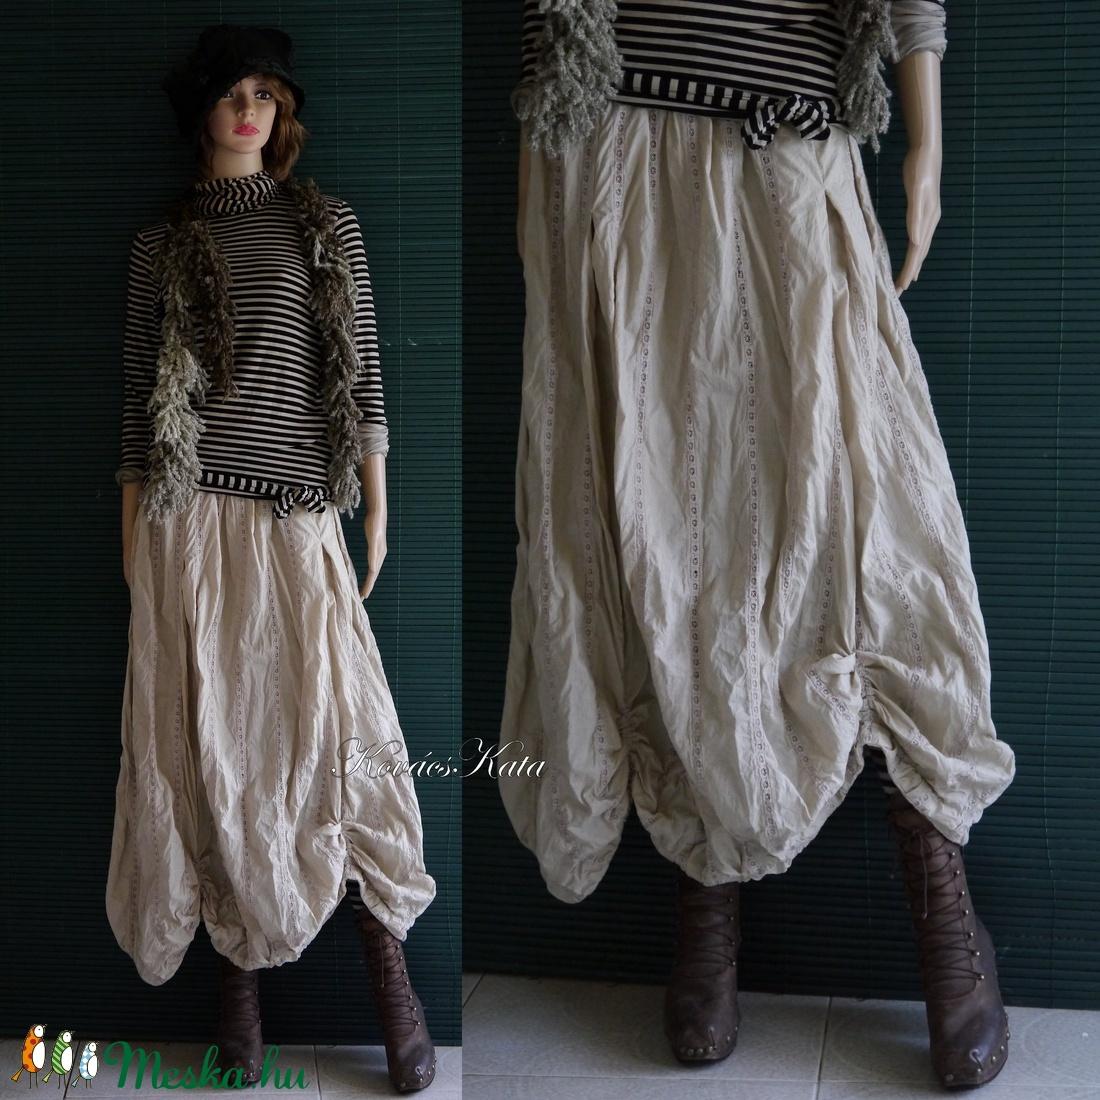 RACHEL/azsúros - bohém lagenlook vászon szoknya / fekete - ruha & divat - női ruha - szoknya - Meska.hu